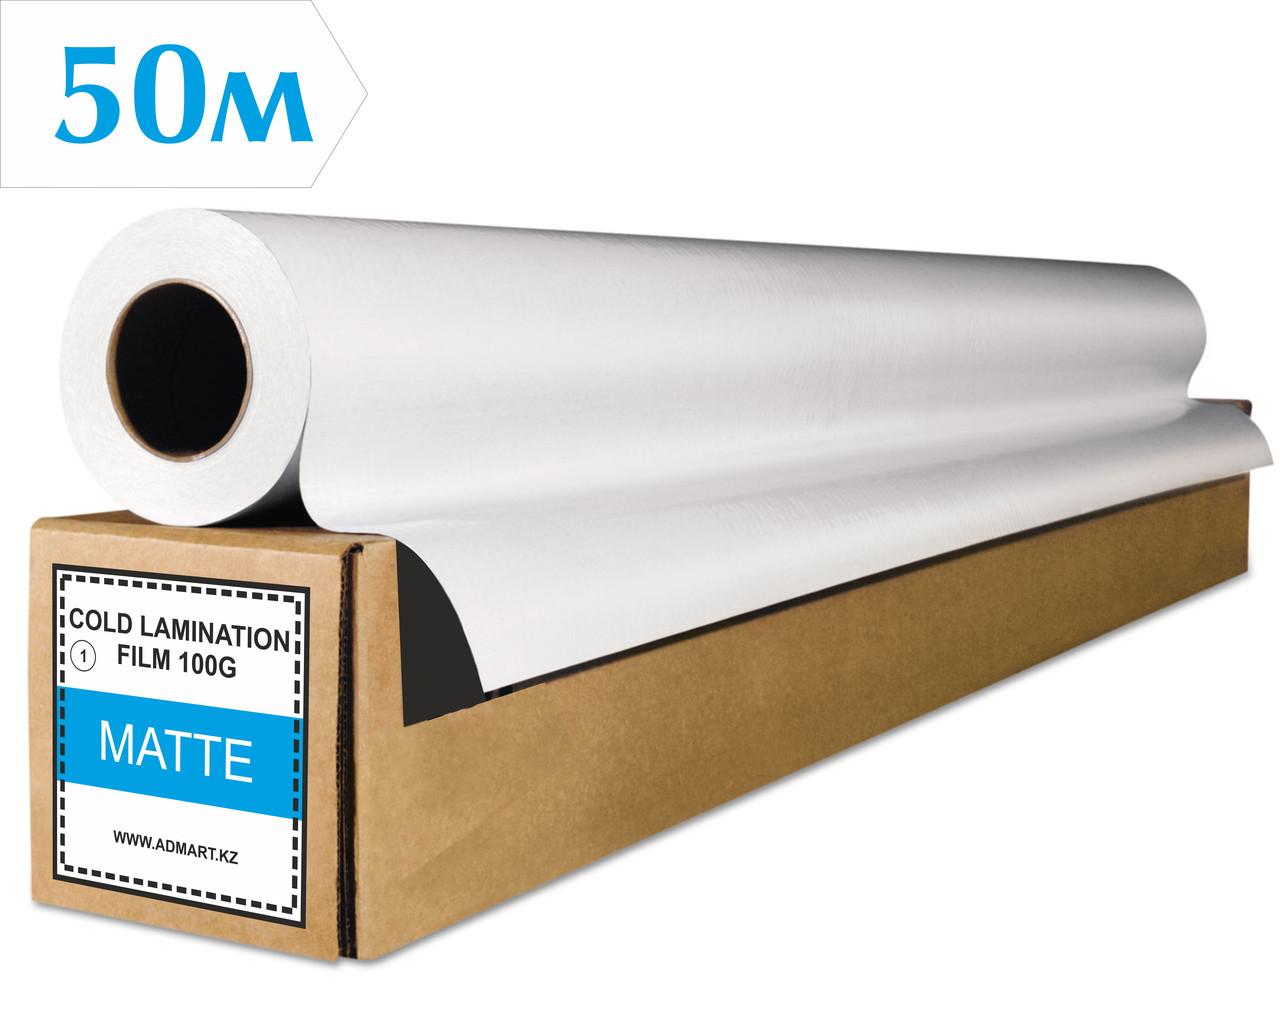 Ламинат матовый  (0,914м х50м)  (100 гр.)